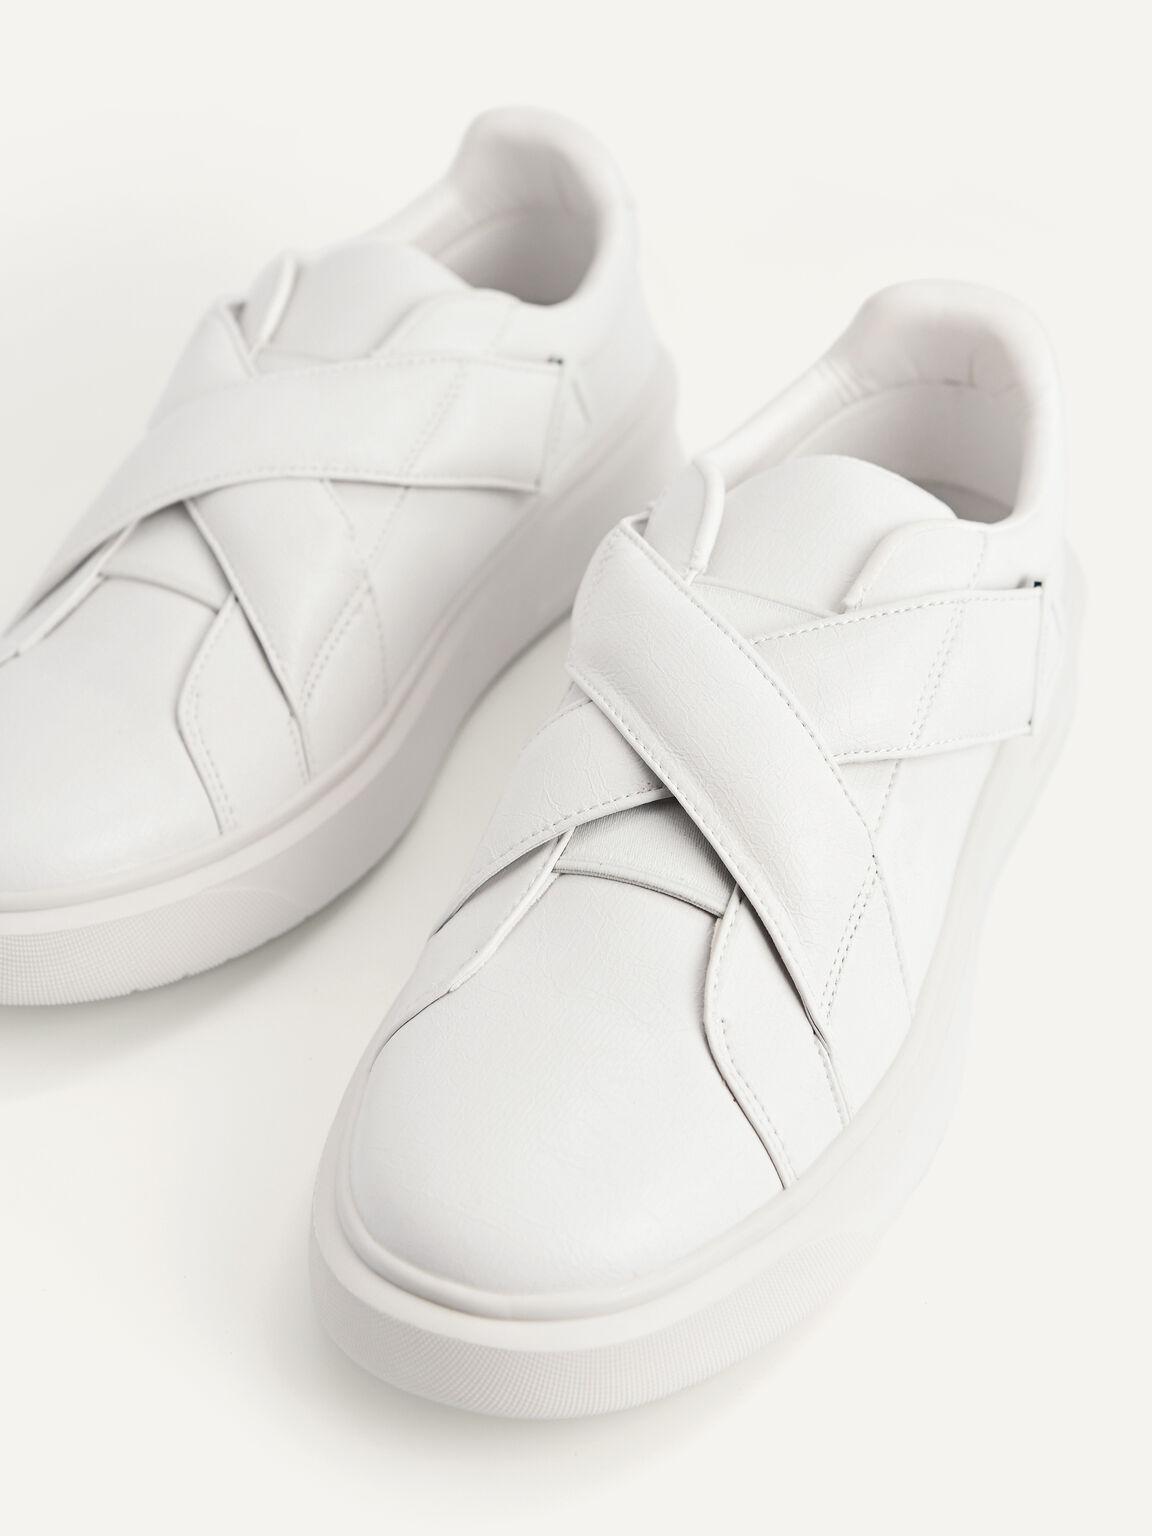 Cloudtrail運動鞋, 白色, hi-res